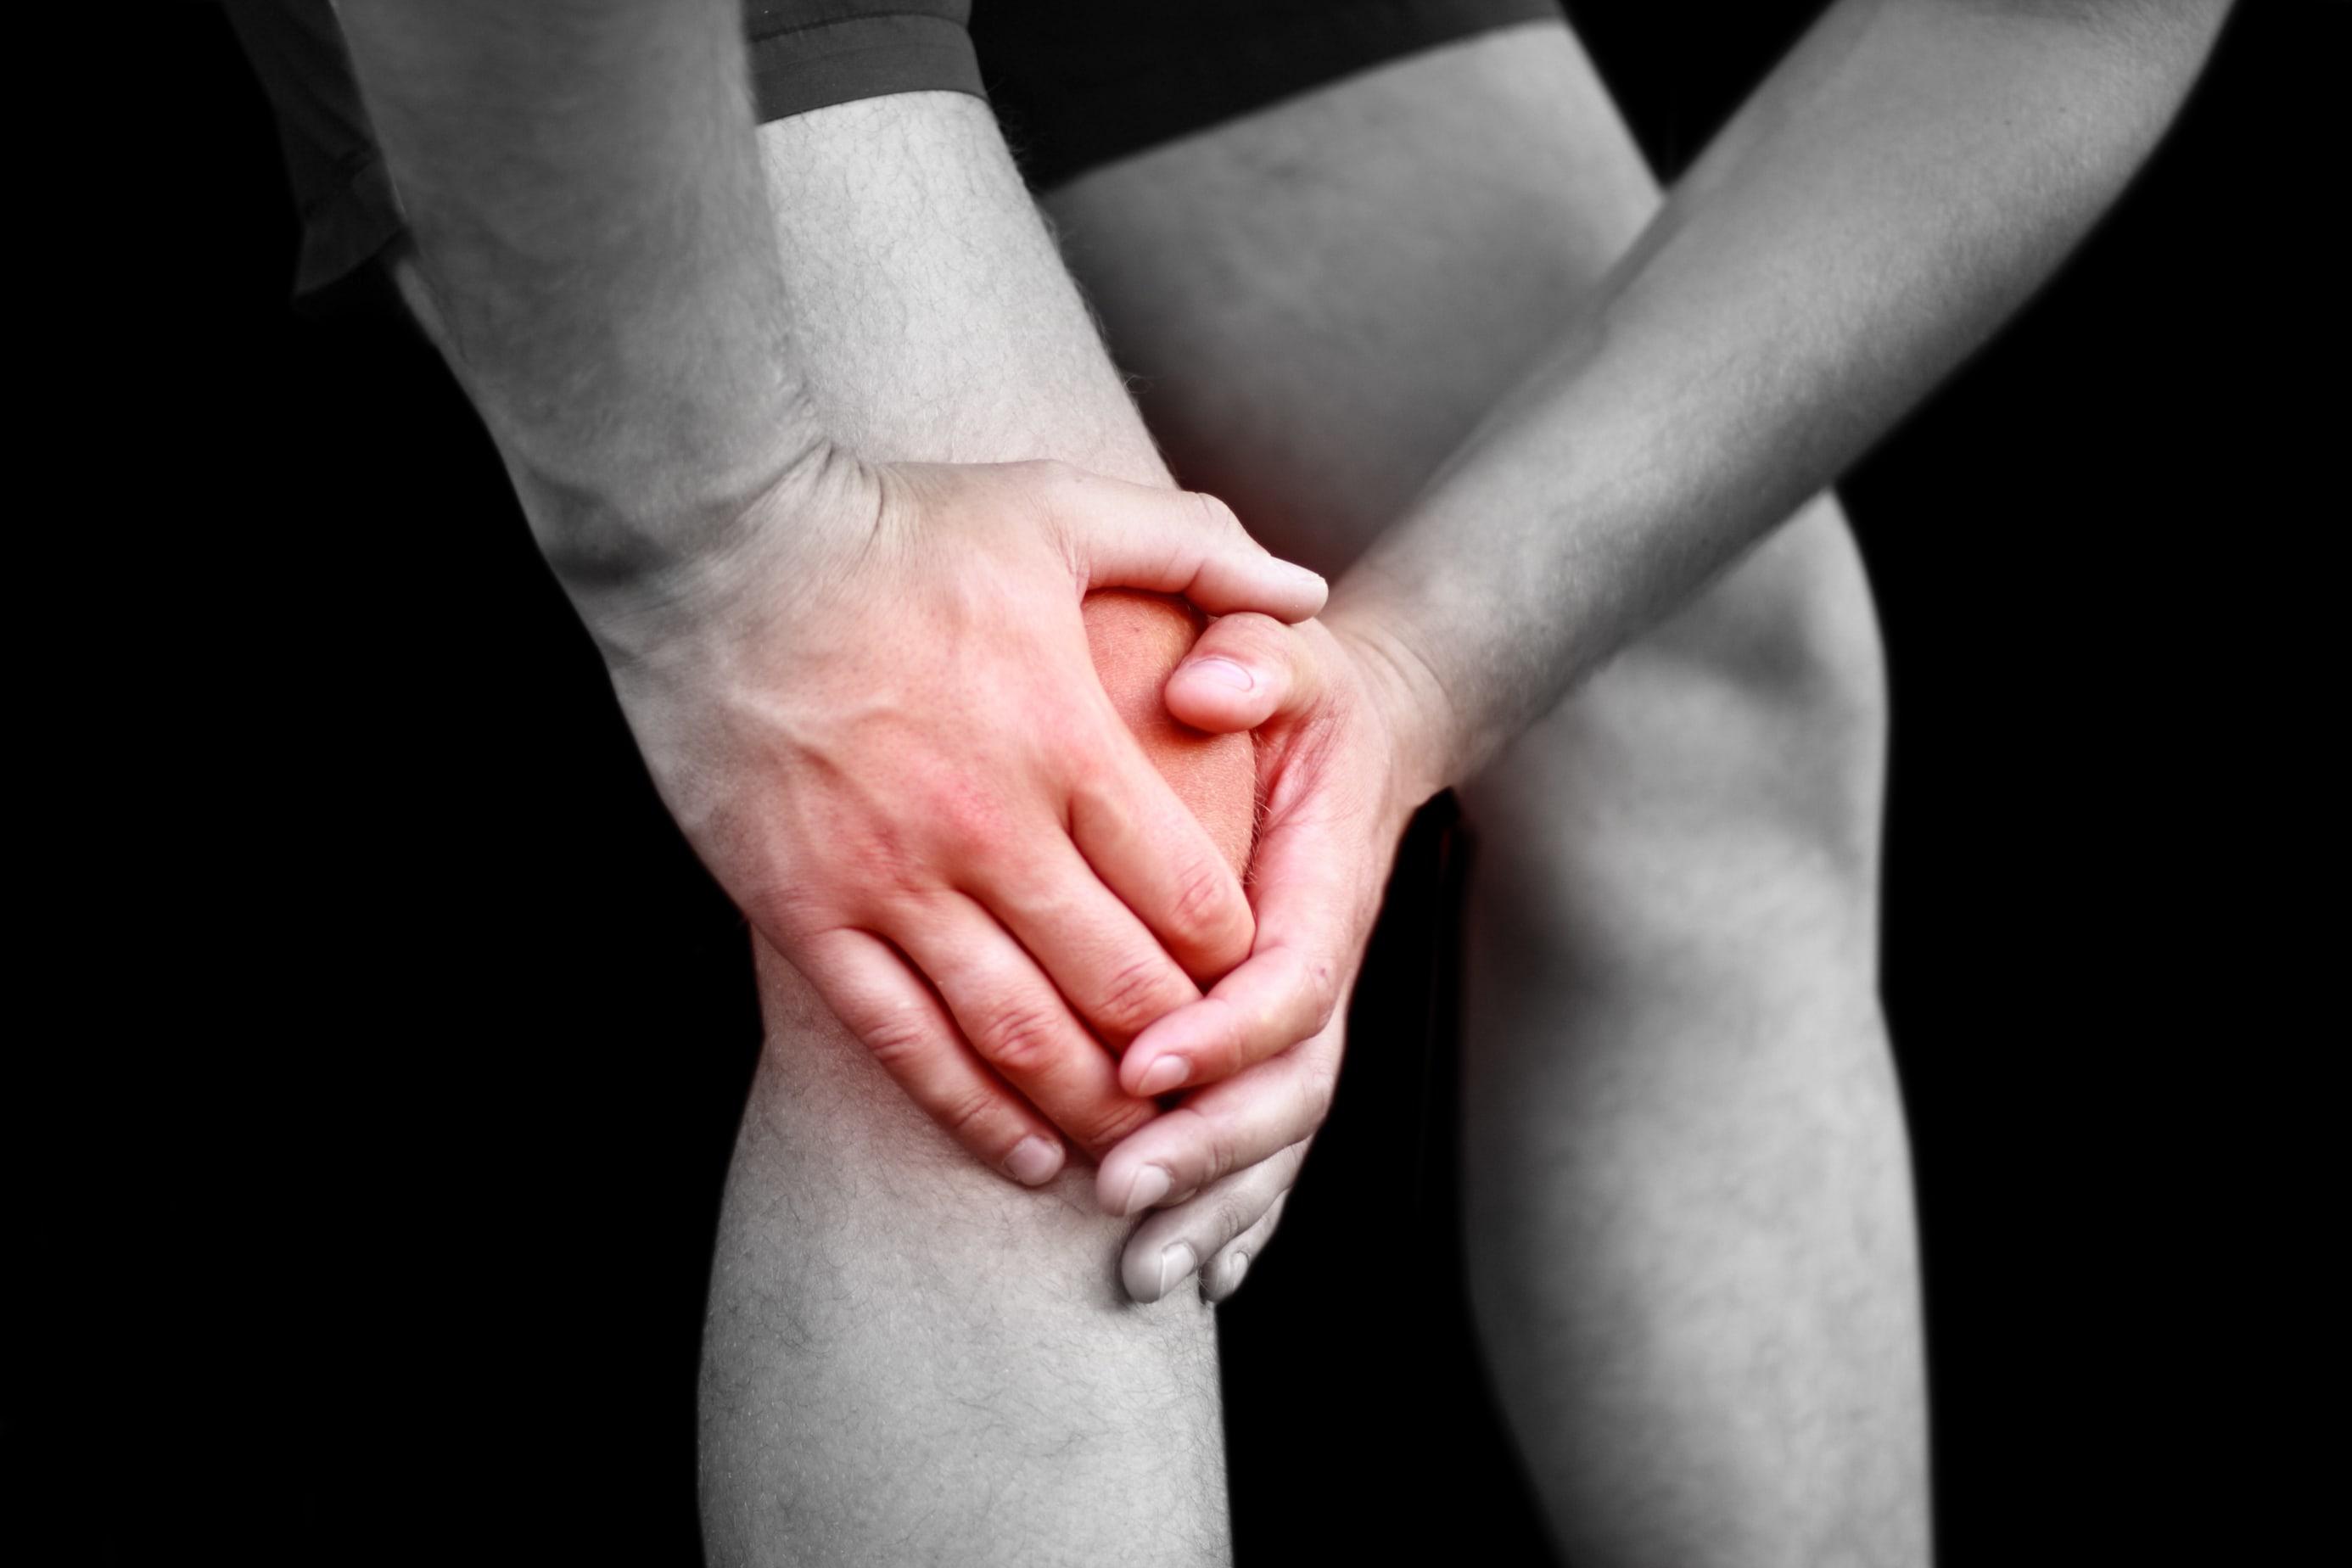 「膝を曲げると痛い」その症状別に考えられる疾患とは